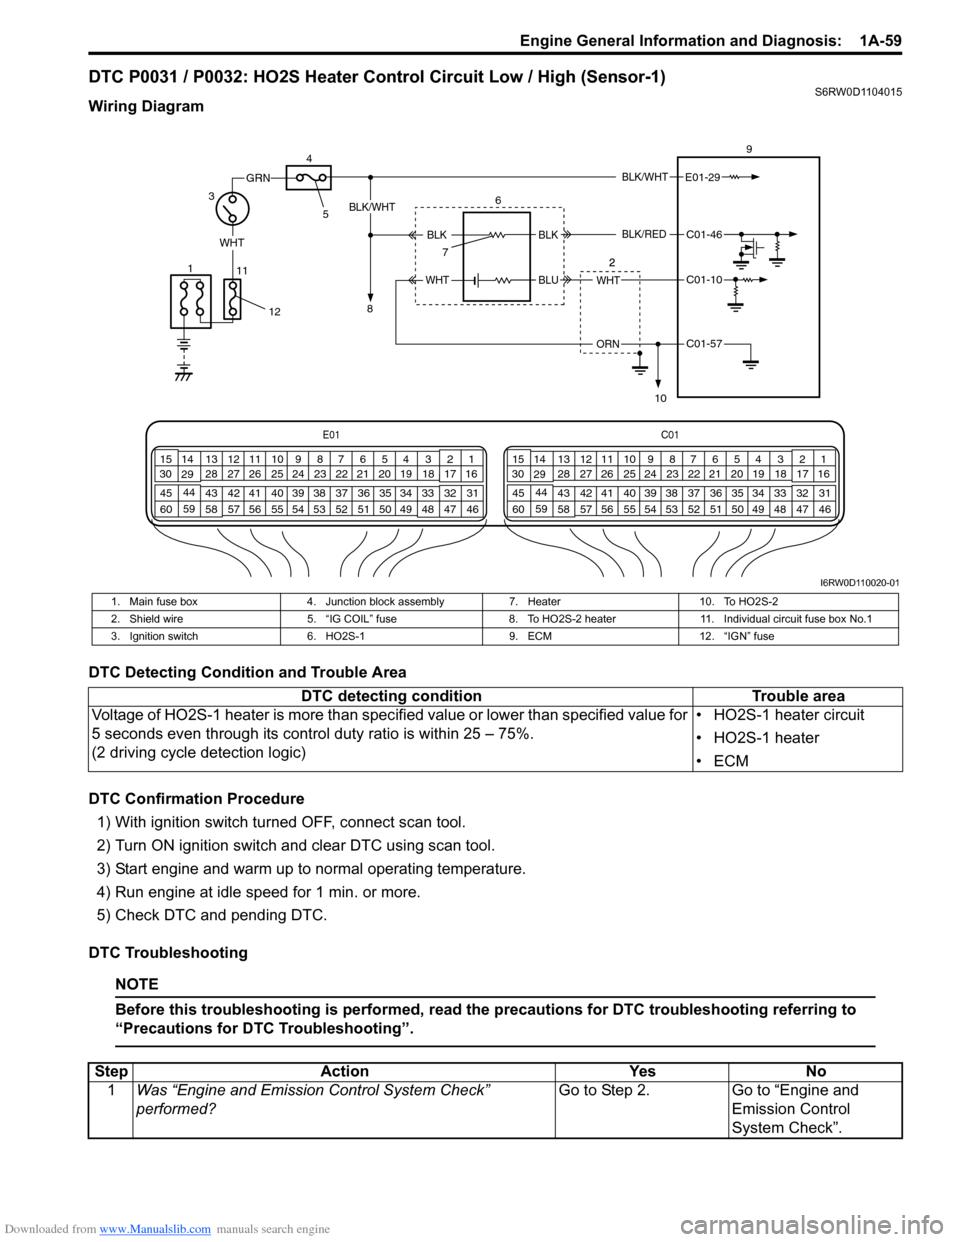 medium resolution of suzuki sx4 2006 1 g service workshop manual page 109